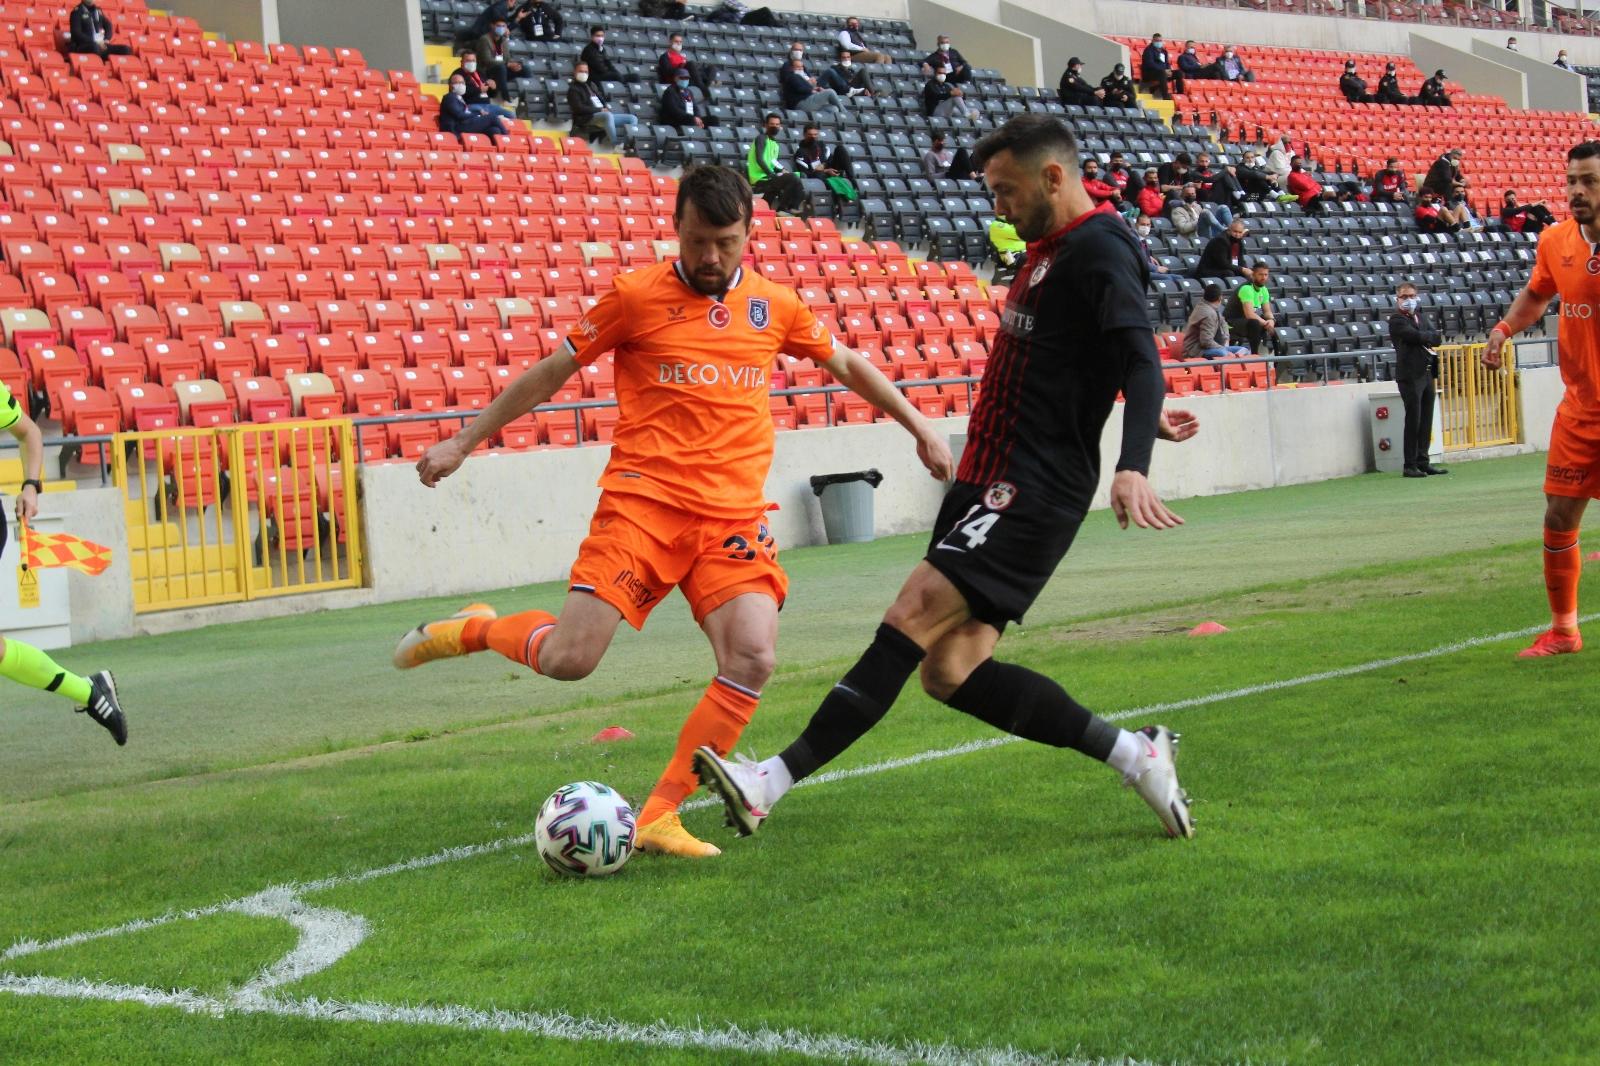 Süper Lig: Gaziantep FK: 1 - Medipol Başakşehir: 0 (İlk yarı)